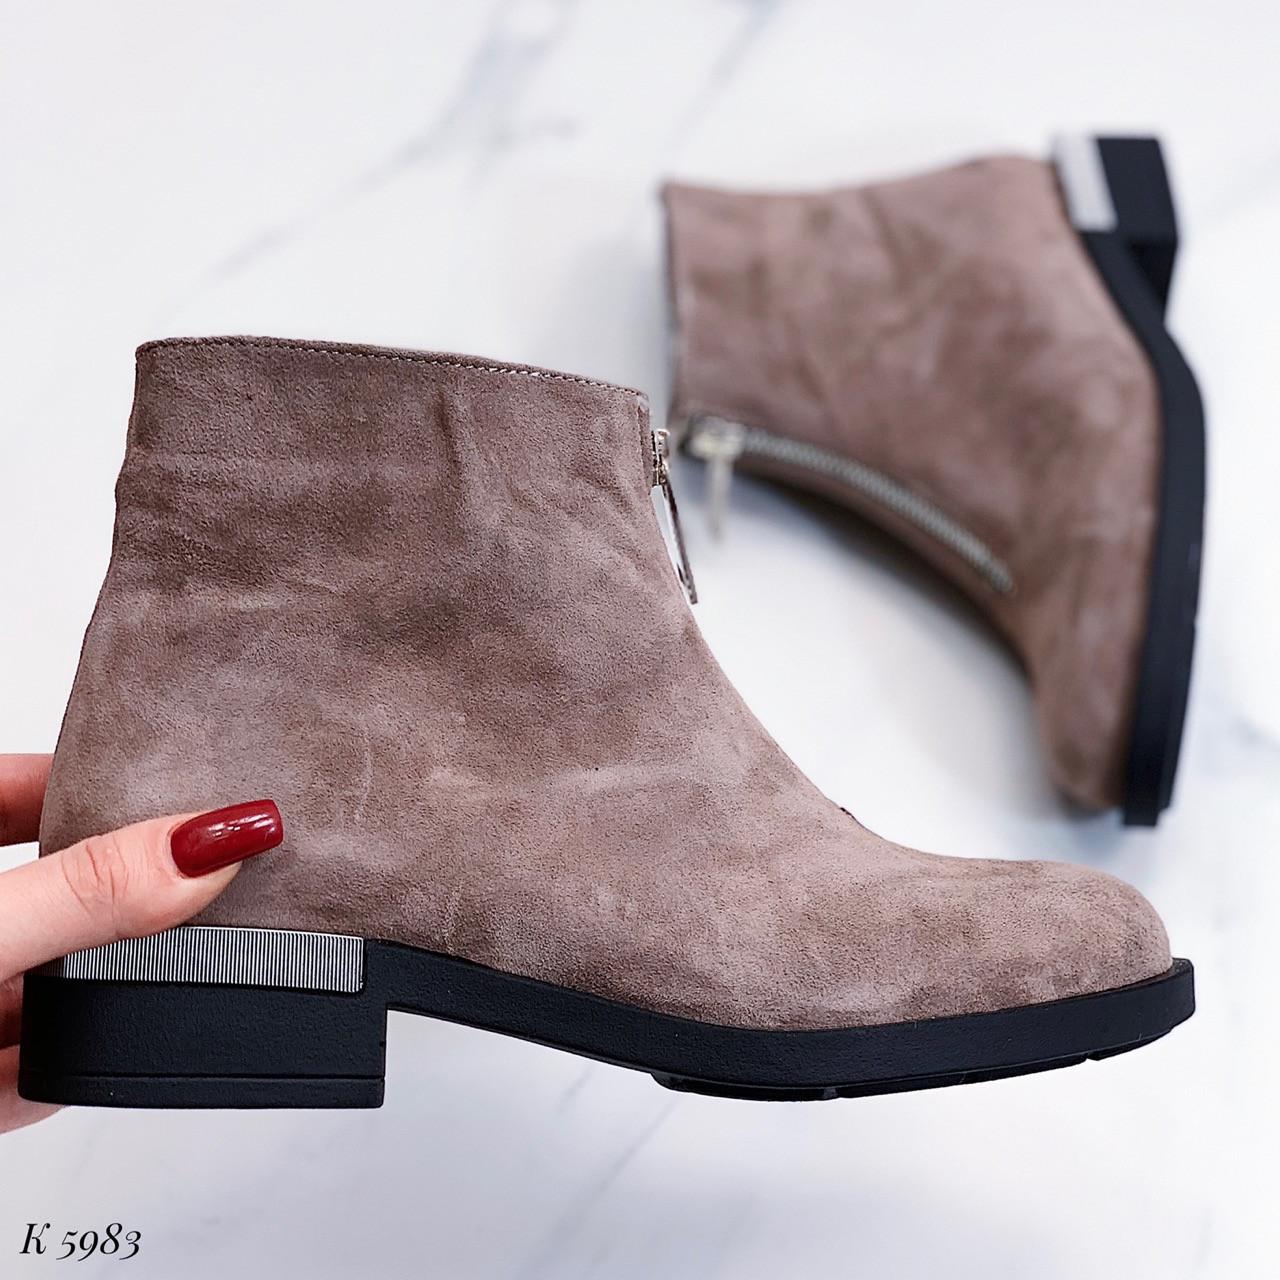 Женские демисезонные ботинки коричневого цвета из натуральной замши 36 39 40 ПОСЛЕДНИЕ РАЗМЕРЫ